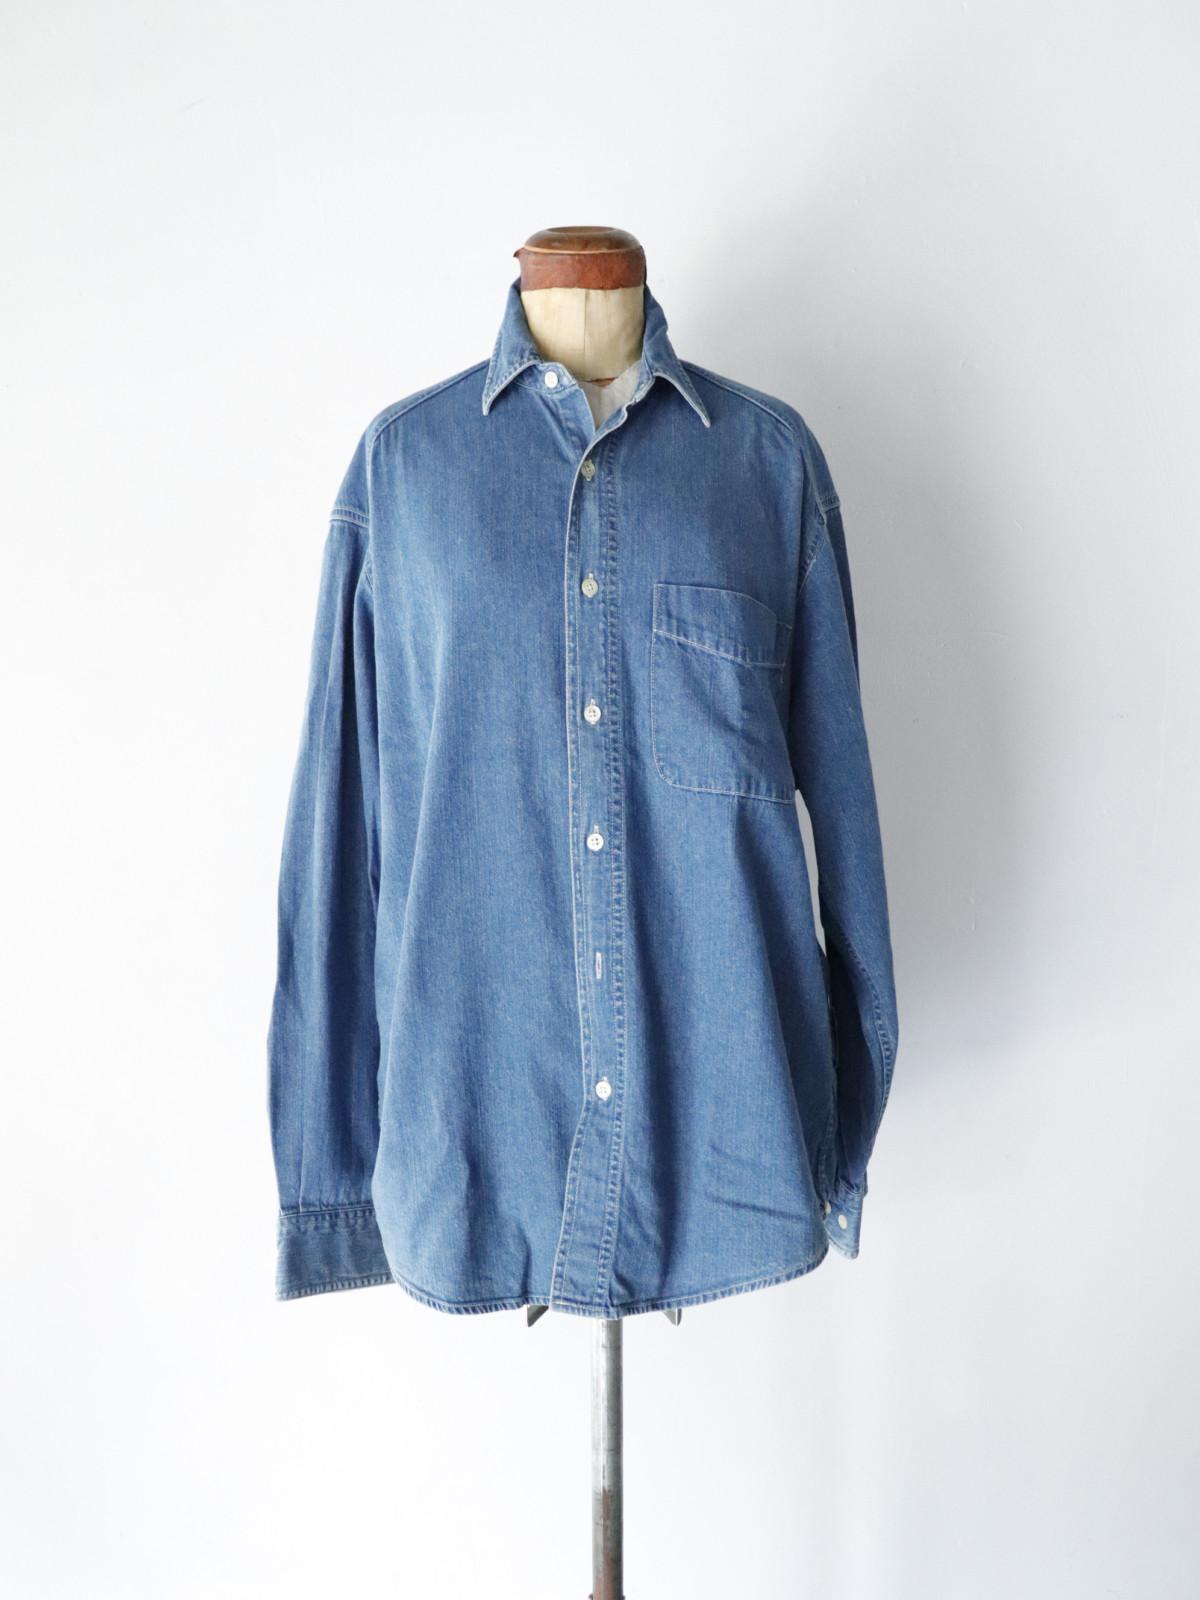 Gap, denim shirts,USA